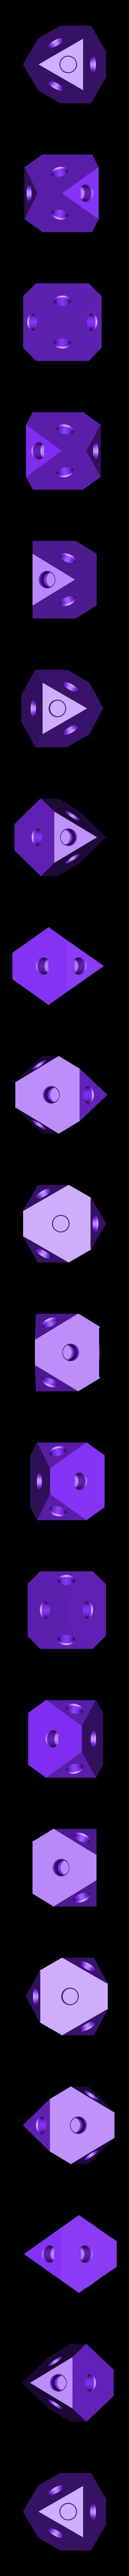 center_plate.stl Télécharger fichier STL gratuit PLA Companion Cube Gears • Modèle imprimable en 3D, Gaenarra